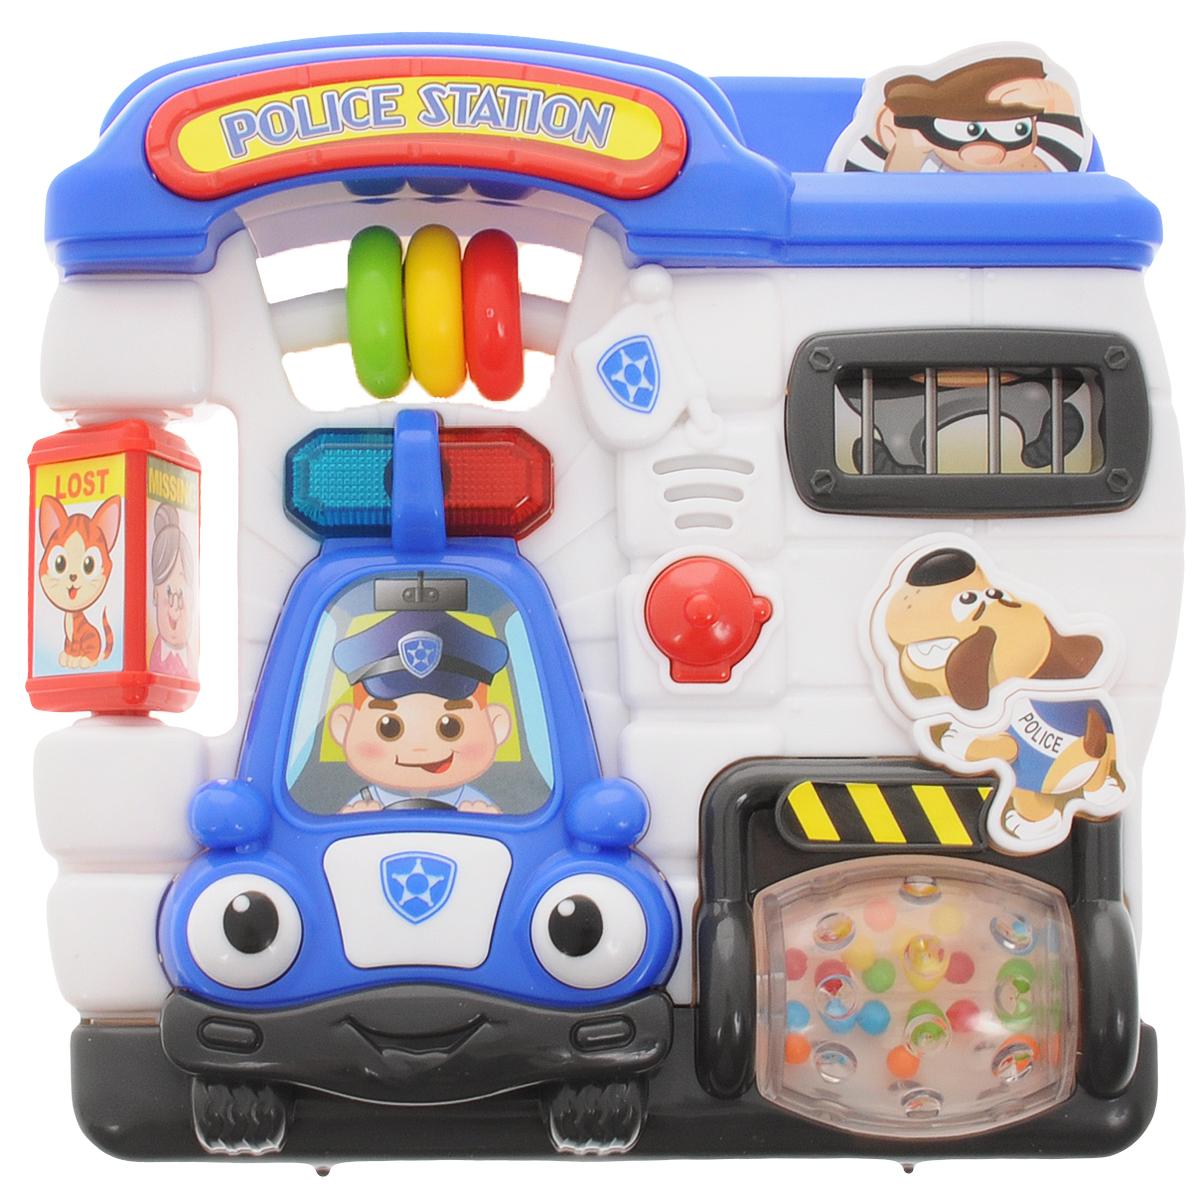 Playgo Развивающая игрушка Полицейский участокPlay 1016Развивающая игрушка Playgo Полицейский участок - это развивающая игрушка, с которой ребенку будет не только интересно, но и полезно проводить время. Игрушка может издавать различные звуки, а также светиться, что обязательно привлечет внимание малыша. Играя с Полицейским участком, ребенок научится логически мыслить, а также получит некоторое представление о цветах и формах. Игрушка изготовлена из качественного пластика и окрашена в яркие цвета, которые привлекут внимание ребенка. Рекомендуется докупить 2 батарейки напряжением 1,5V типа АА (товар комплектуется демонстрационными).